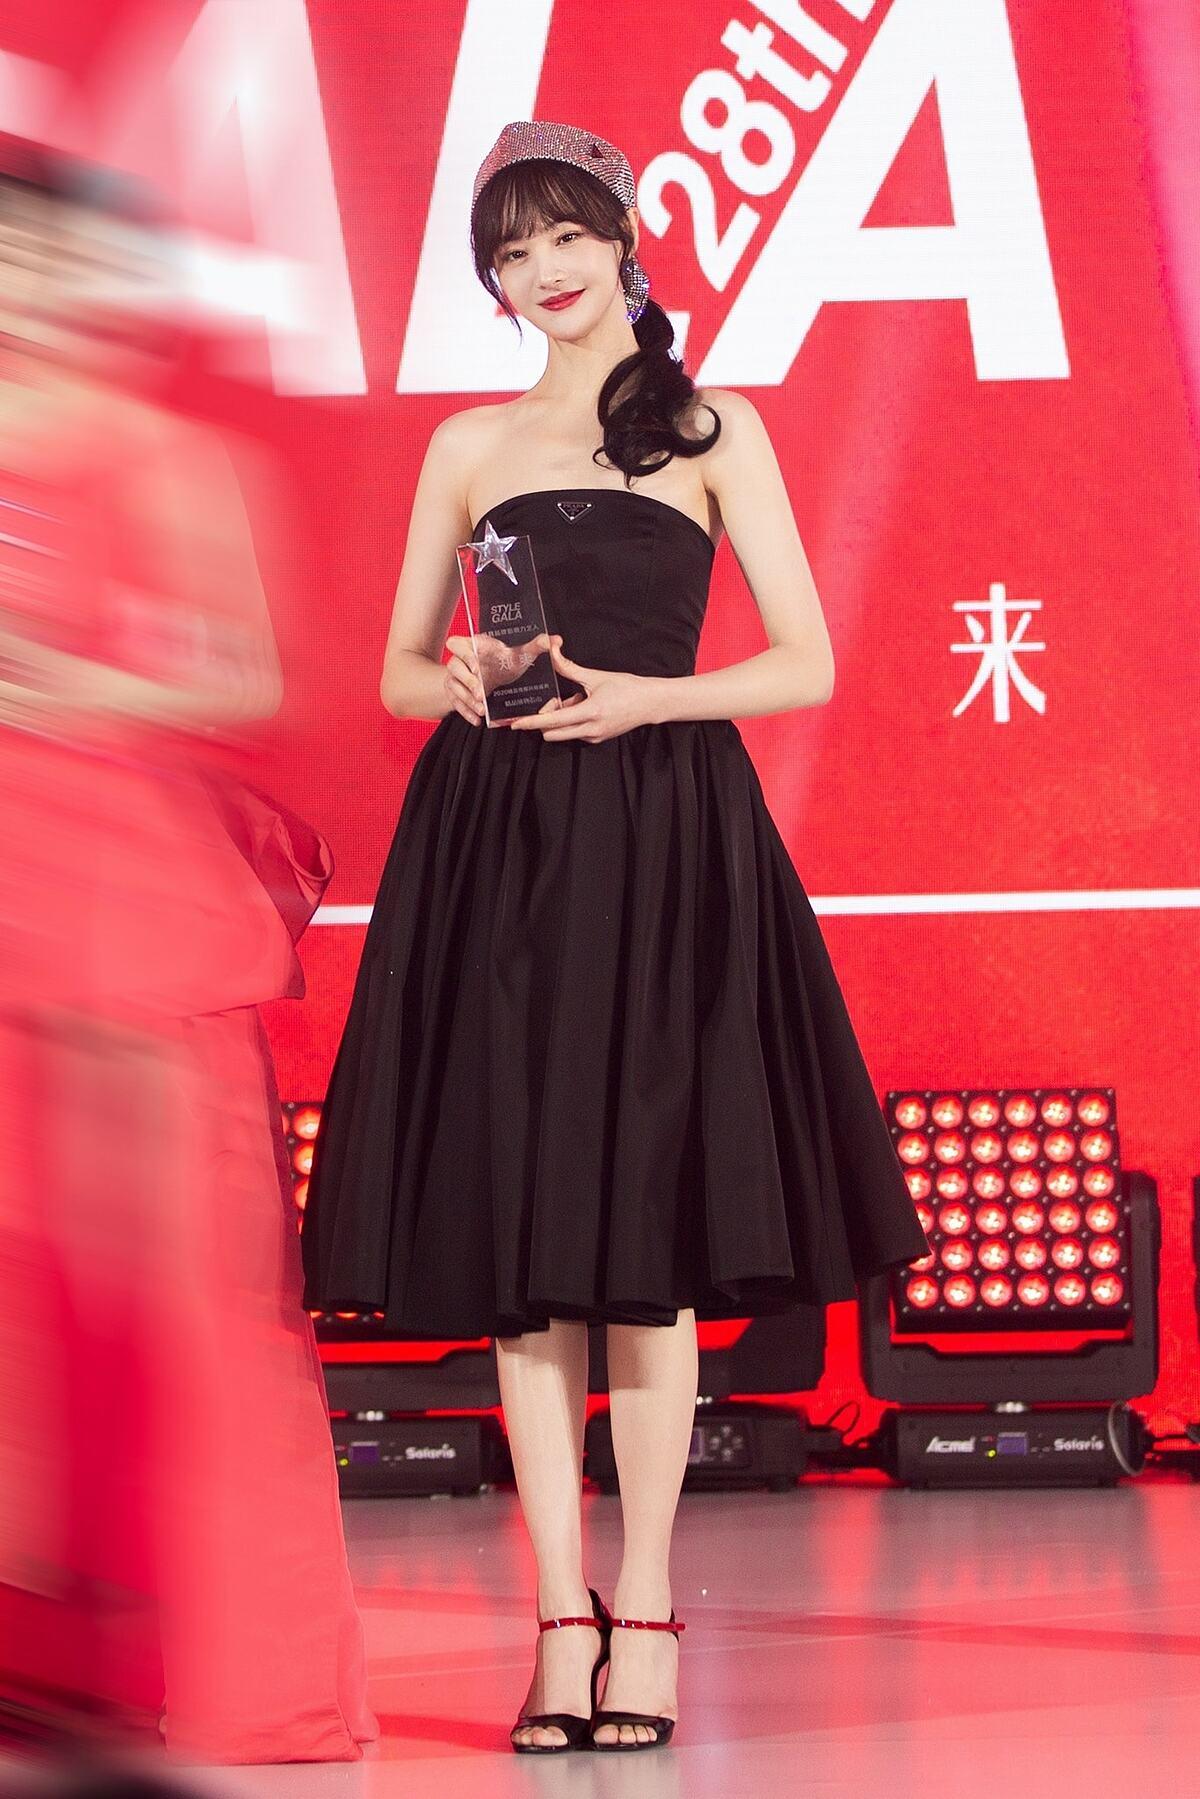 Các phom dáng váy nữ tính, cổ điển phù hợp với cô hơn hẳn những thiết kế phá cách, hiện đại.